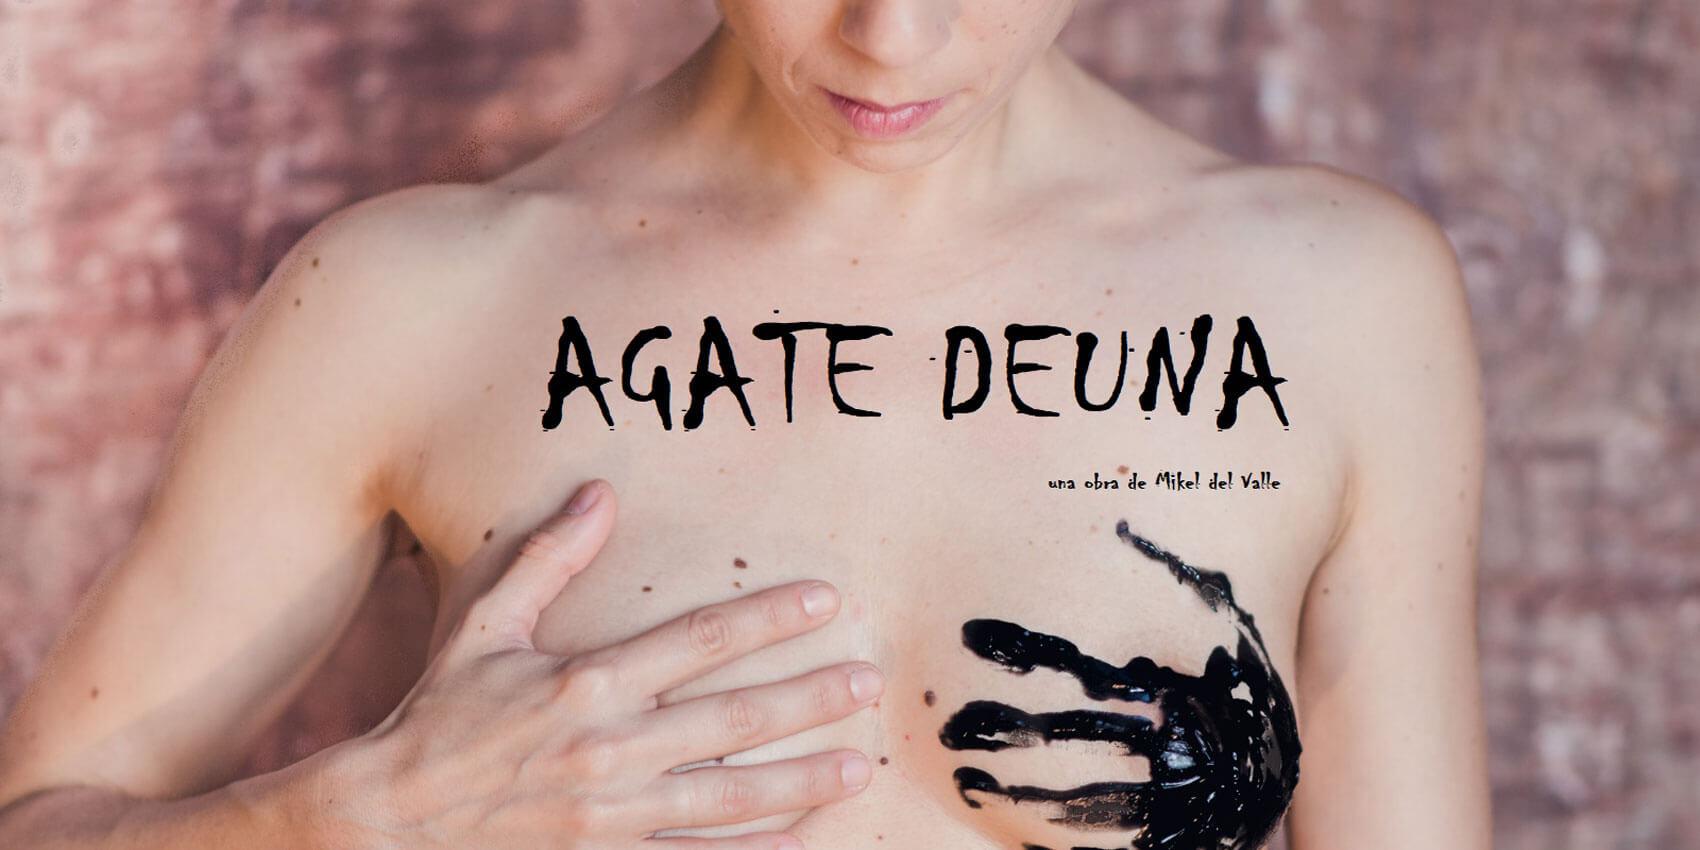 MDV Danza: Agate Deuna